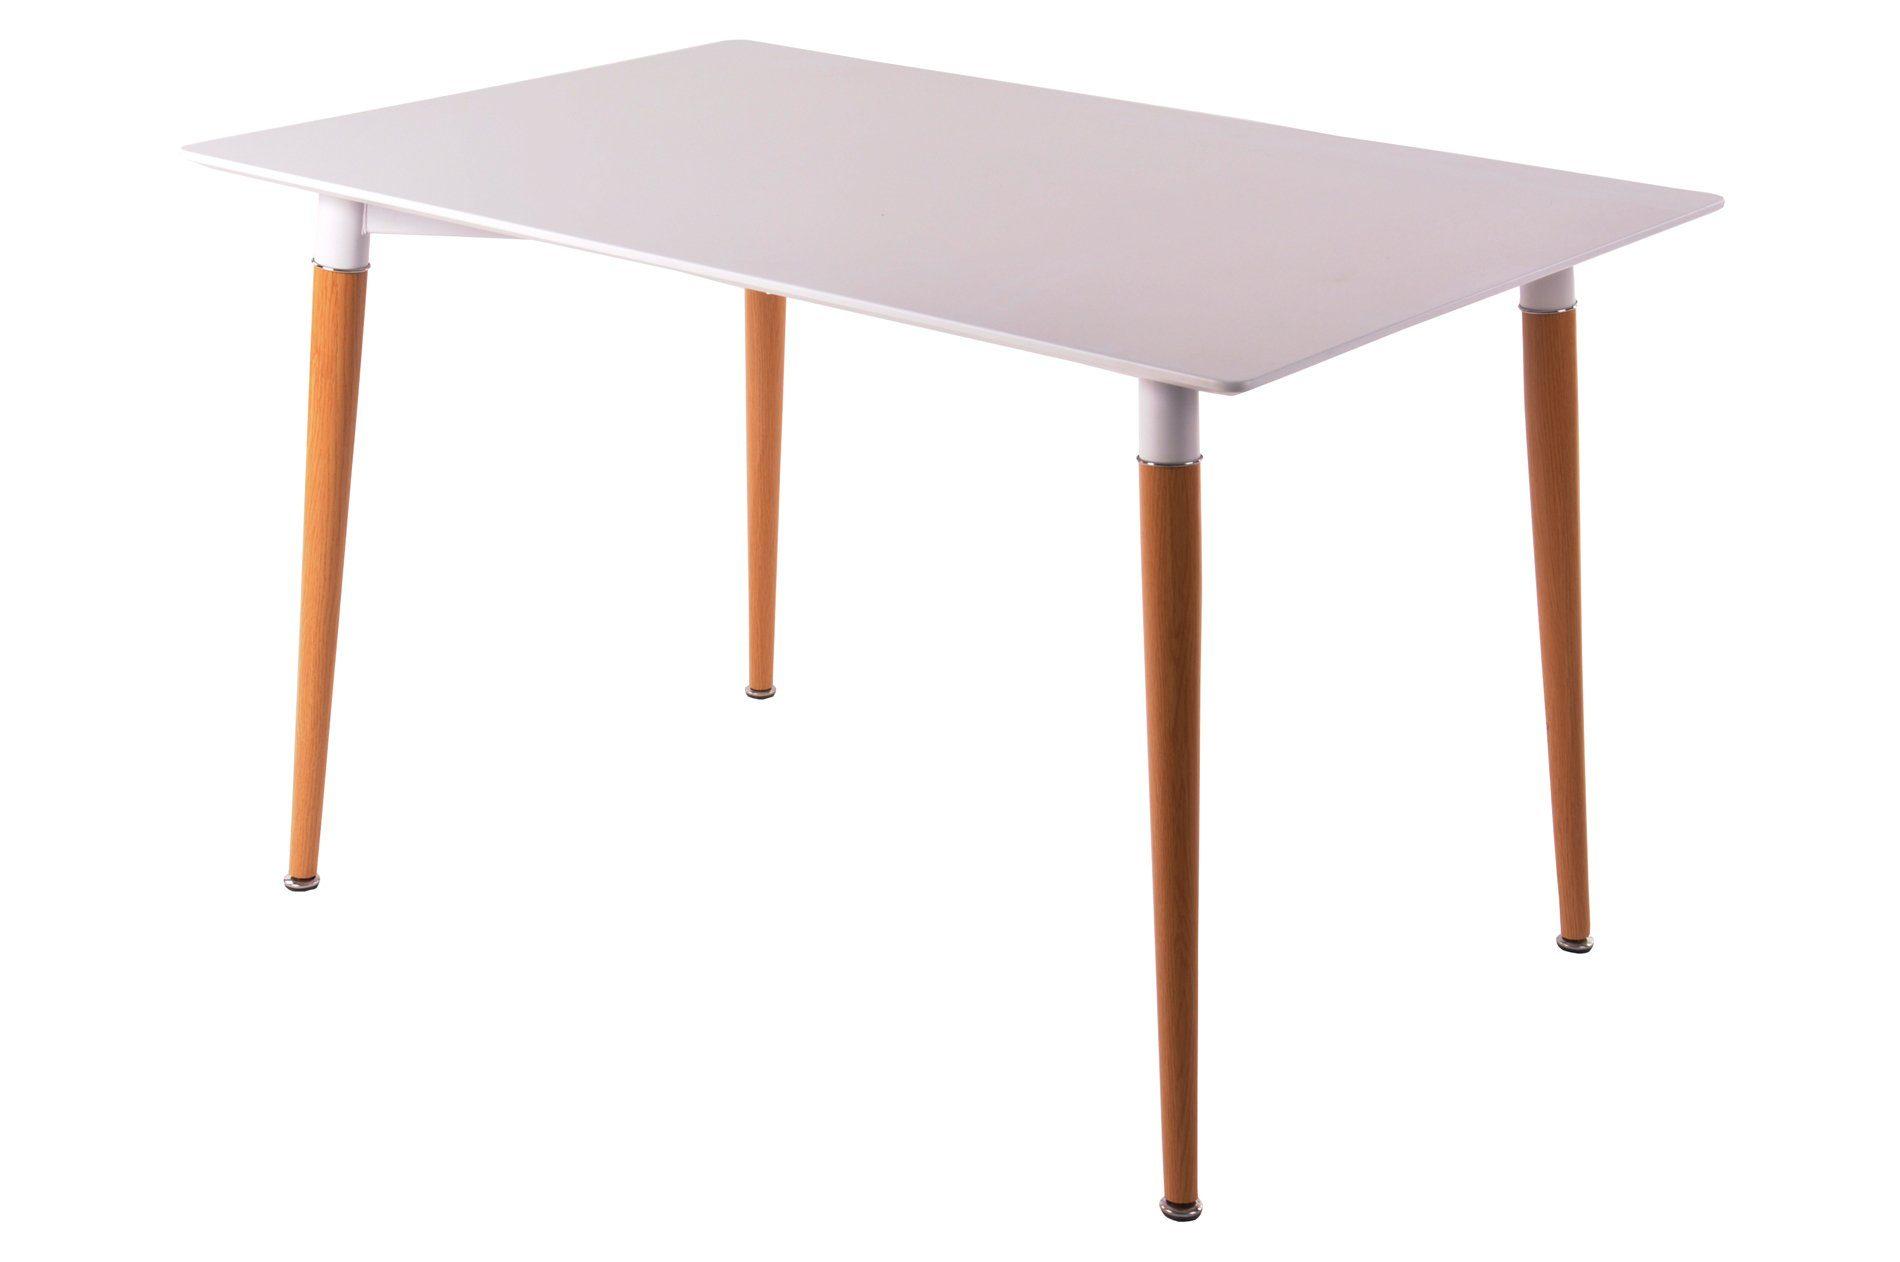 SalesFever Esszimmertisch 120x80 cm mit Metallfüßen im Holzeffekt »Ainara«